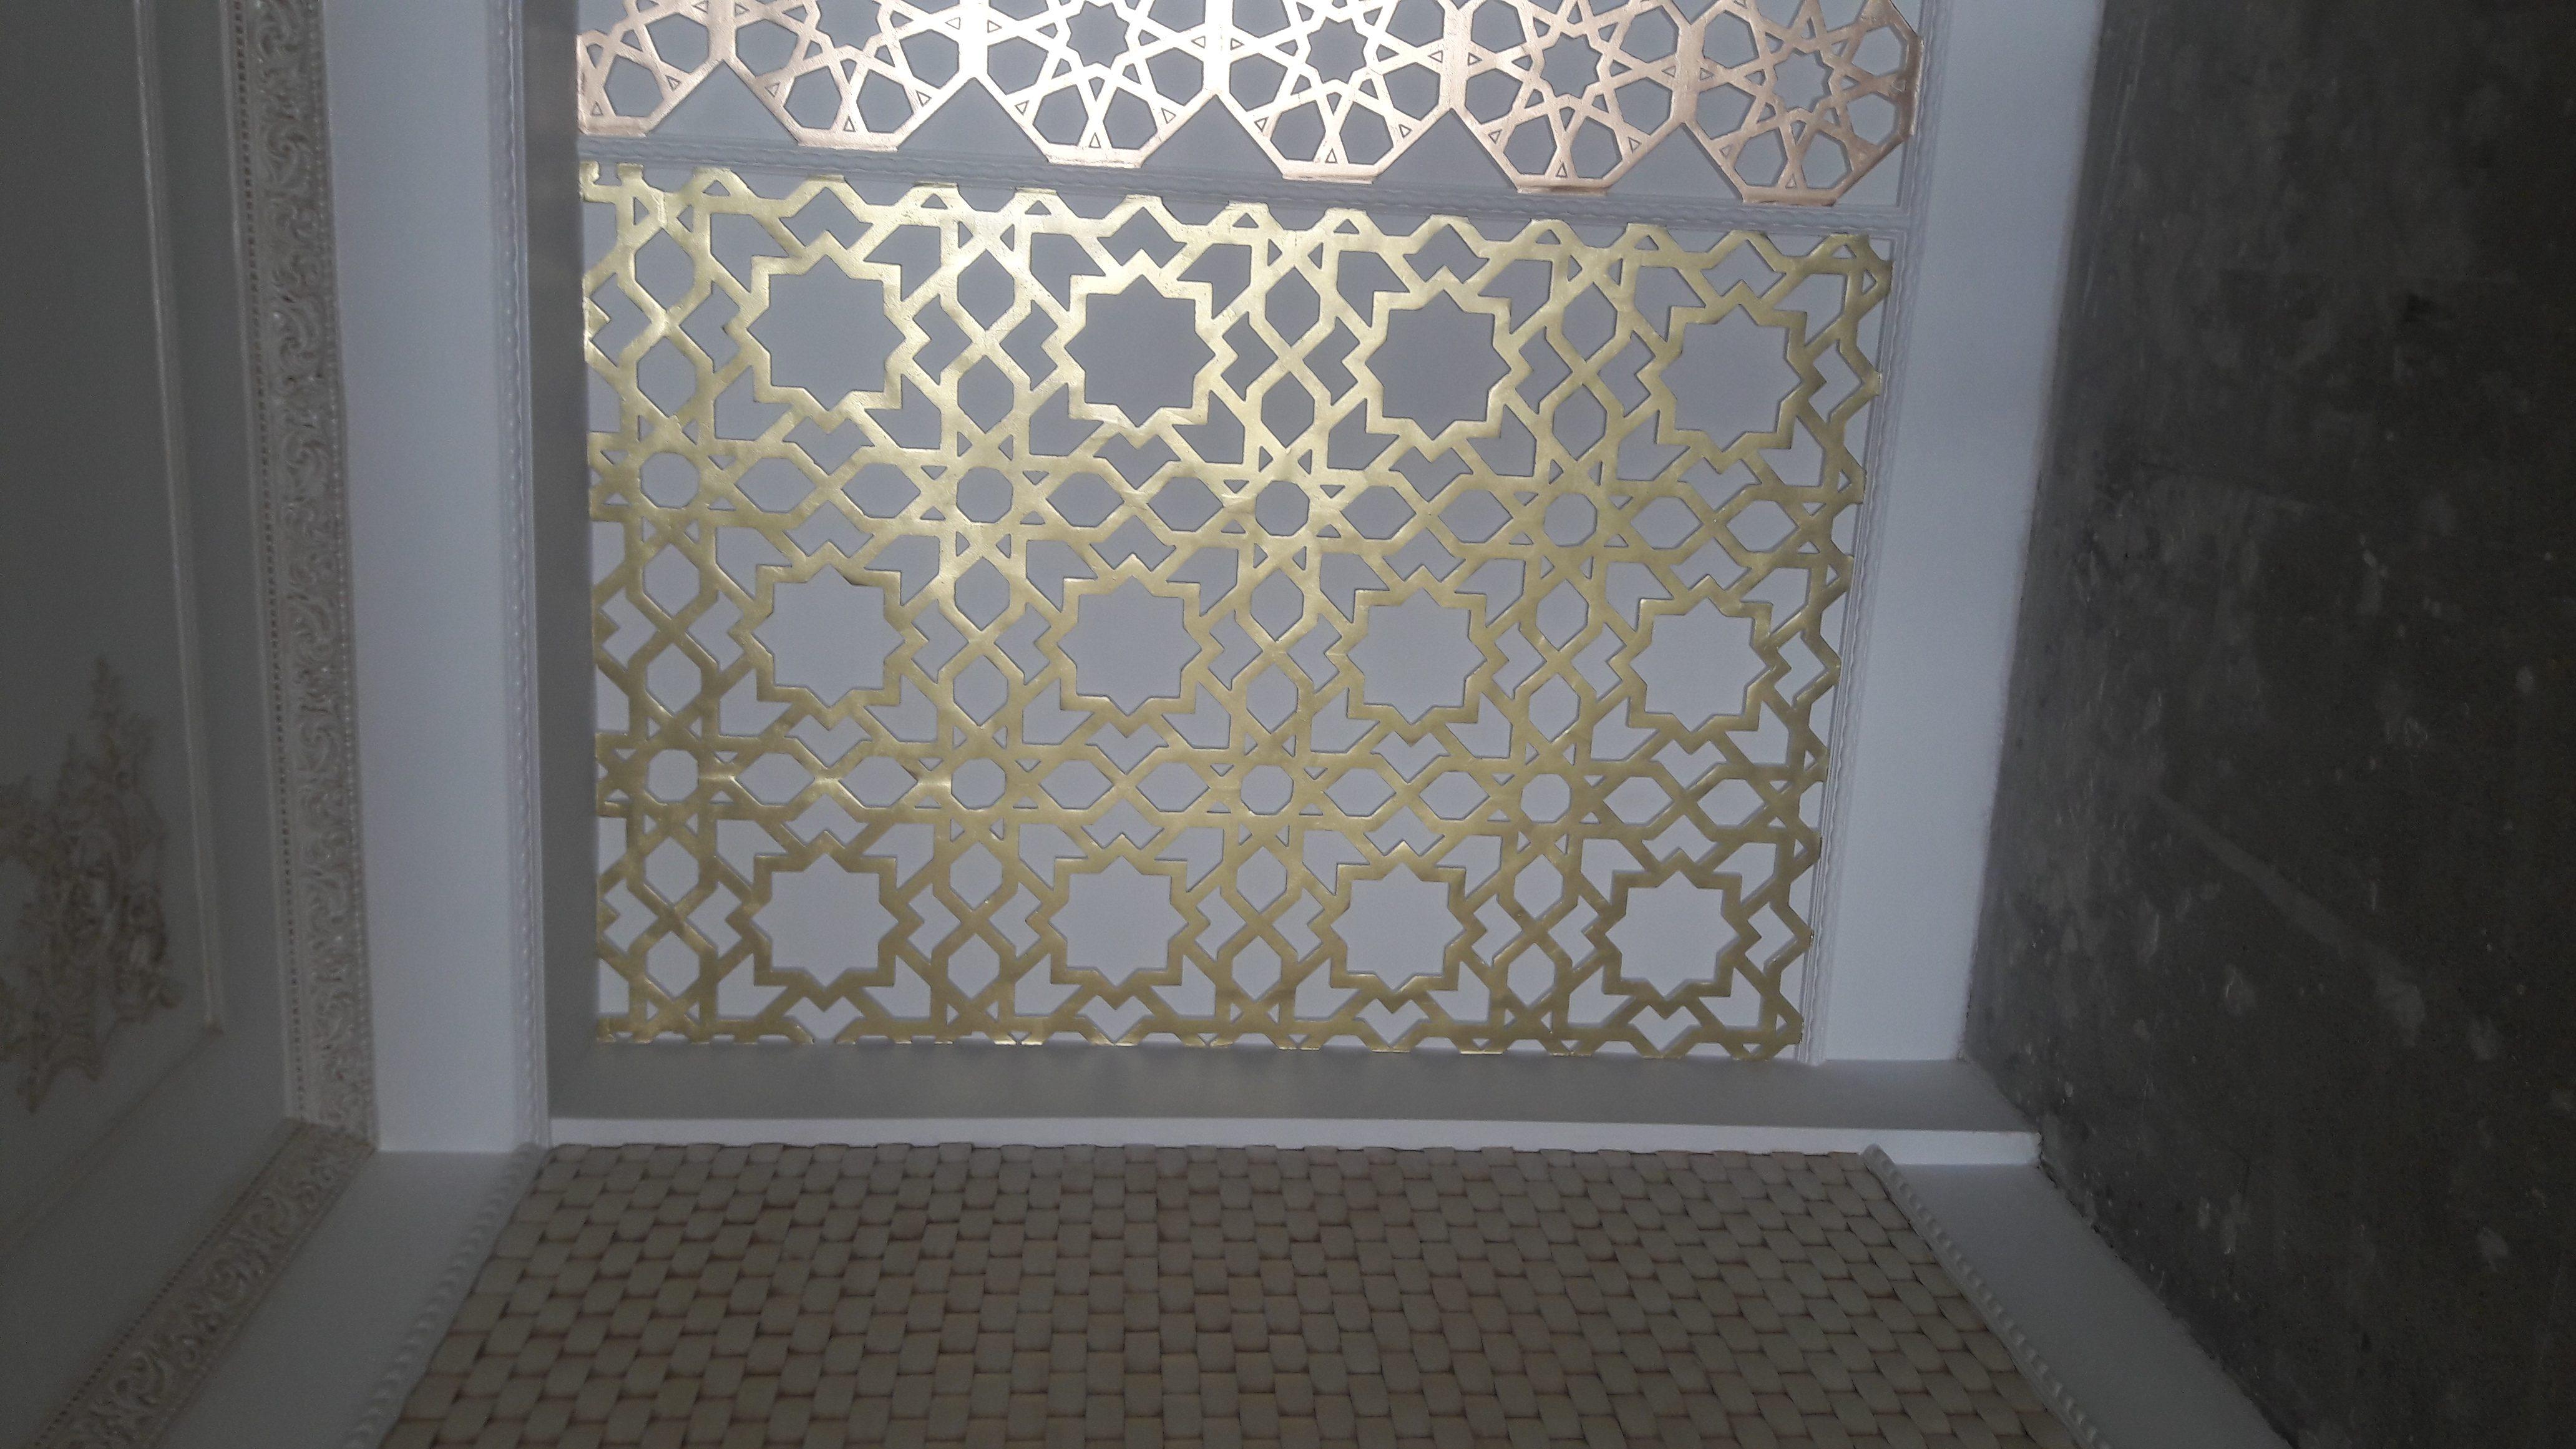 duvar dekorasyon malzemeleri- (Model: M13)